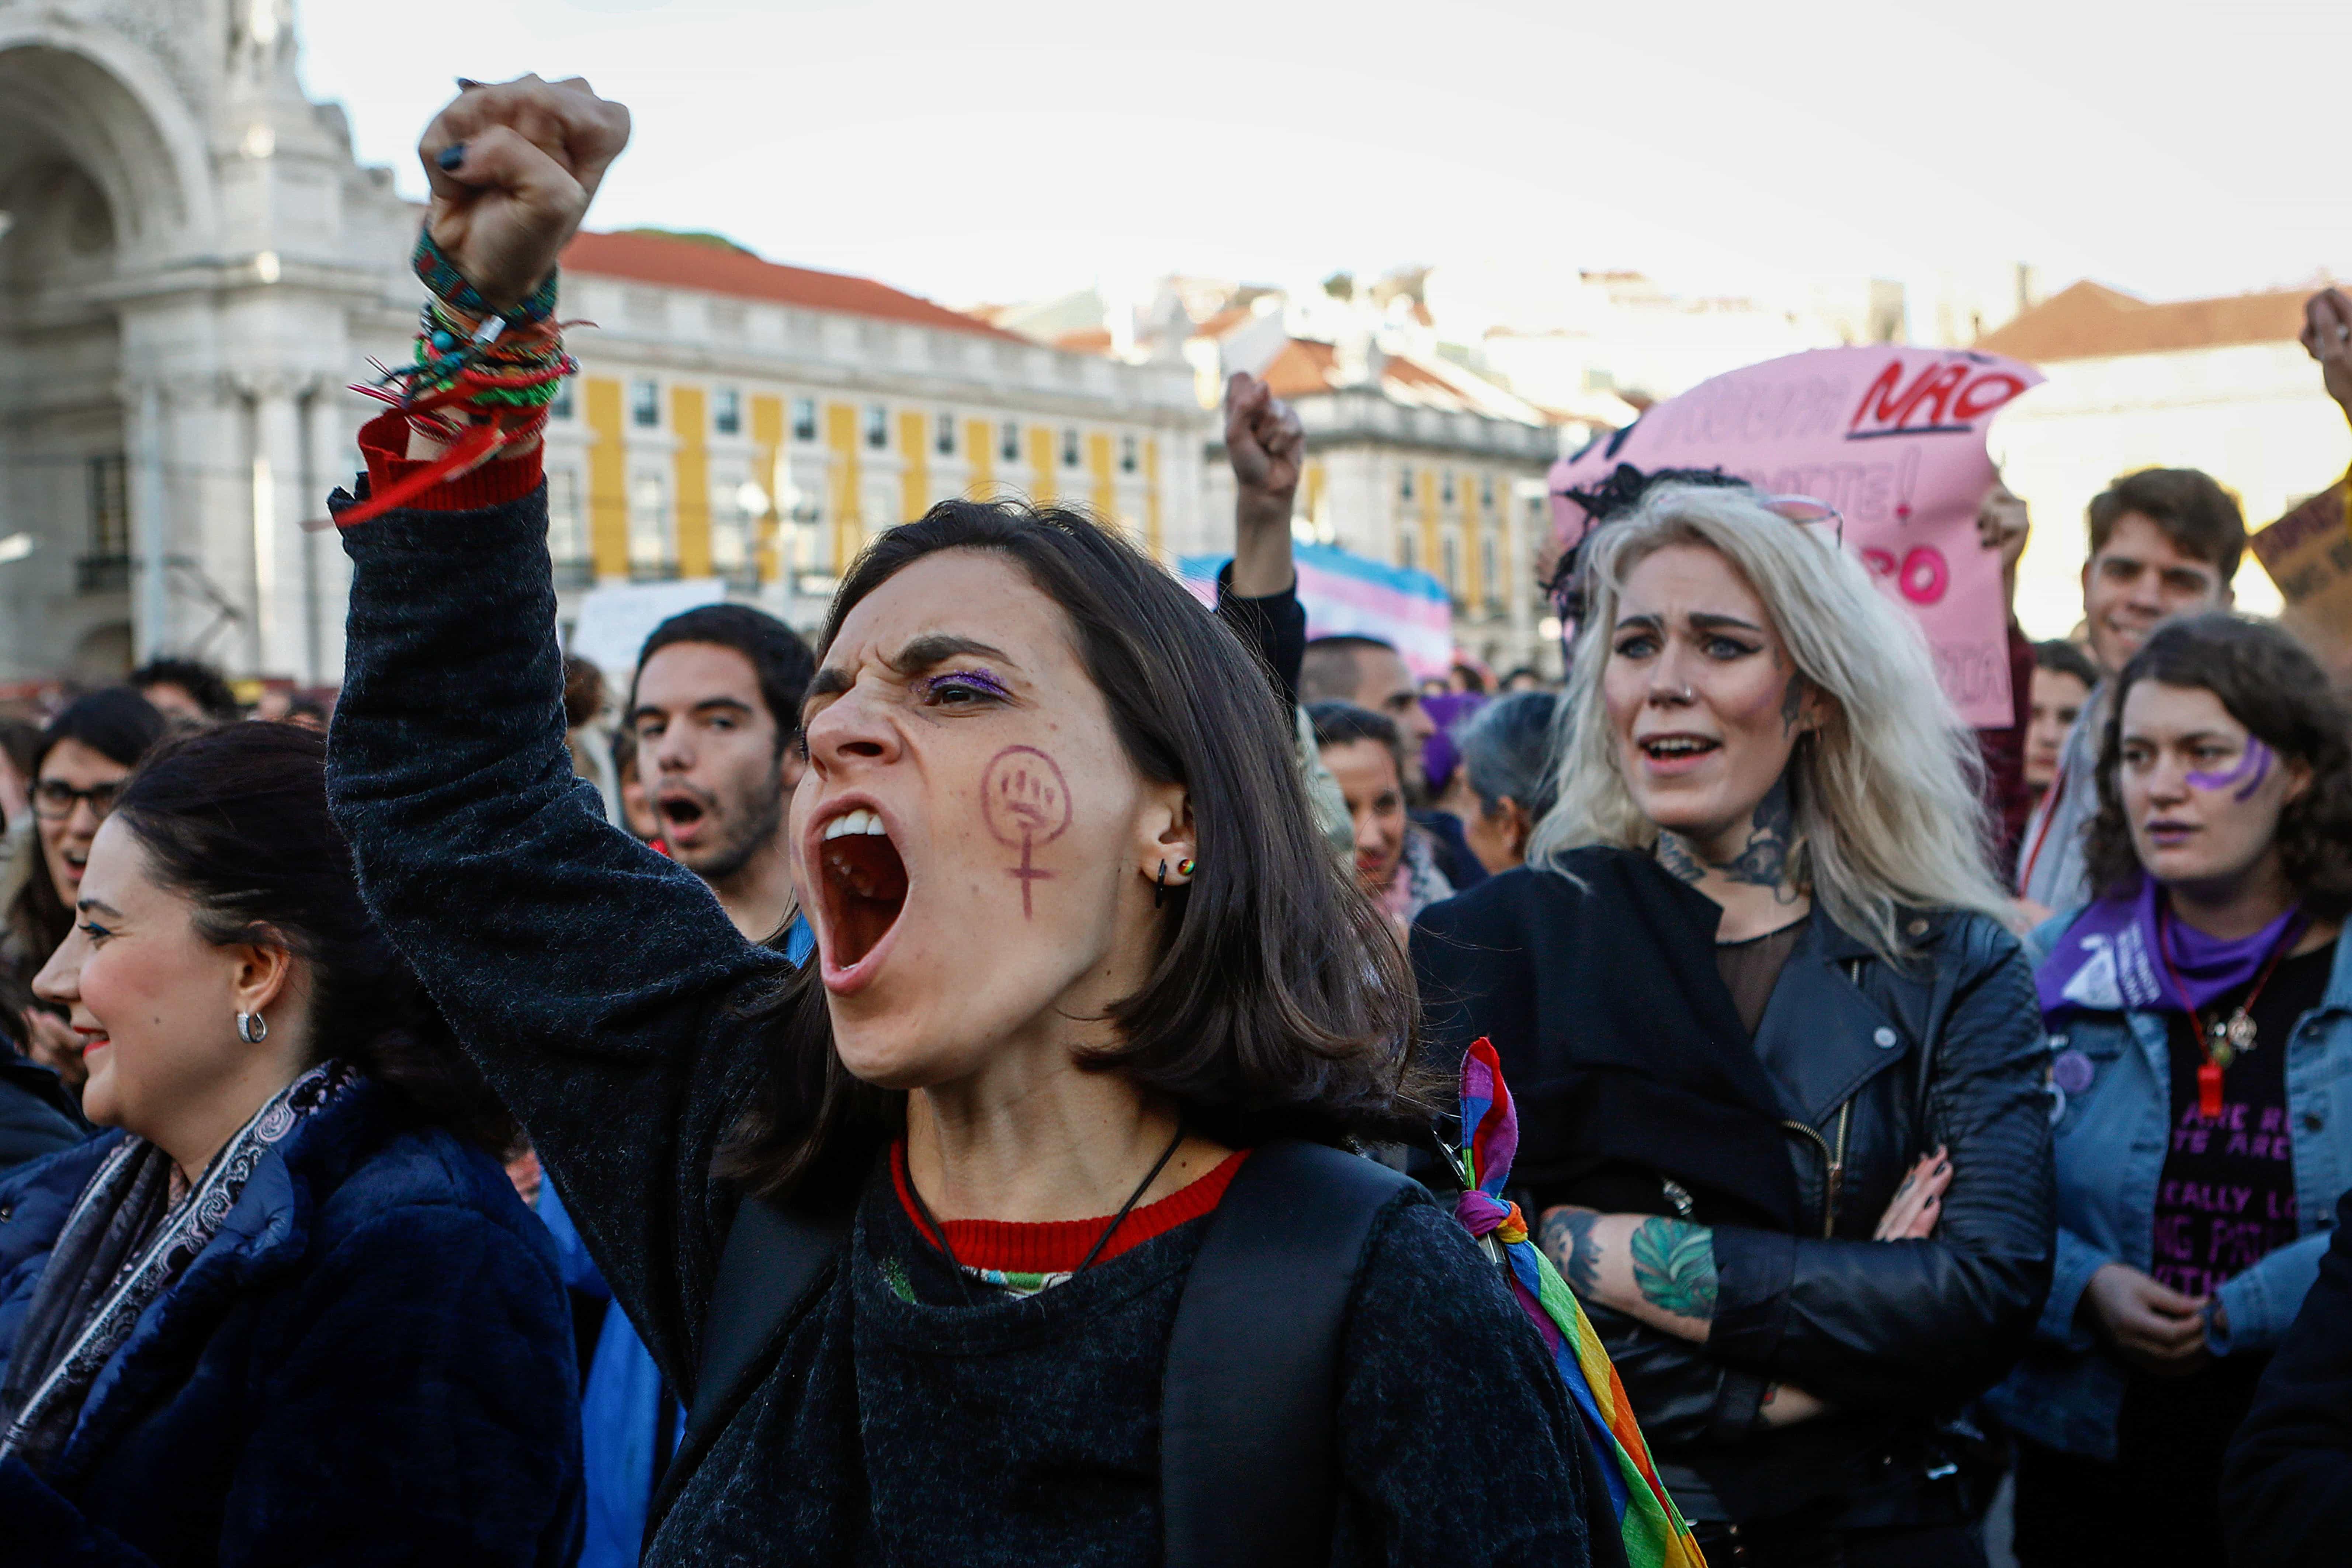 Milhares prometem mudar o mundo em manifestação feminista